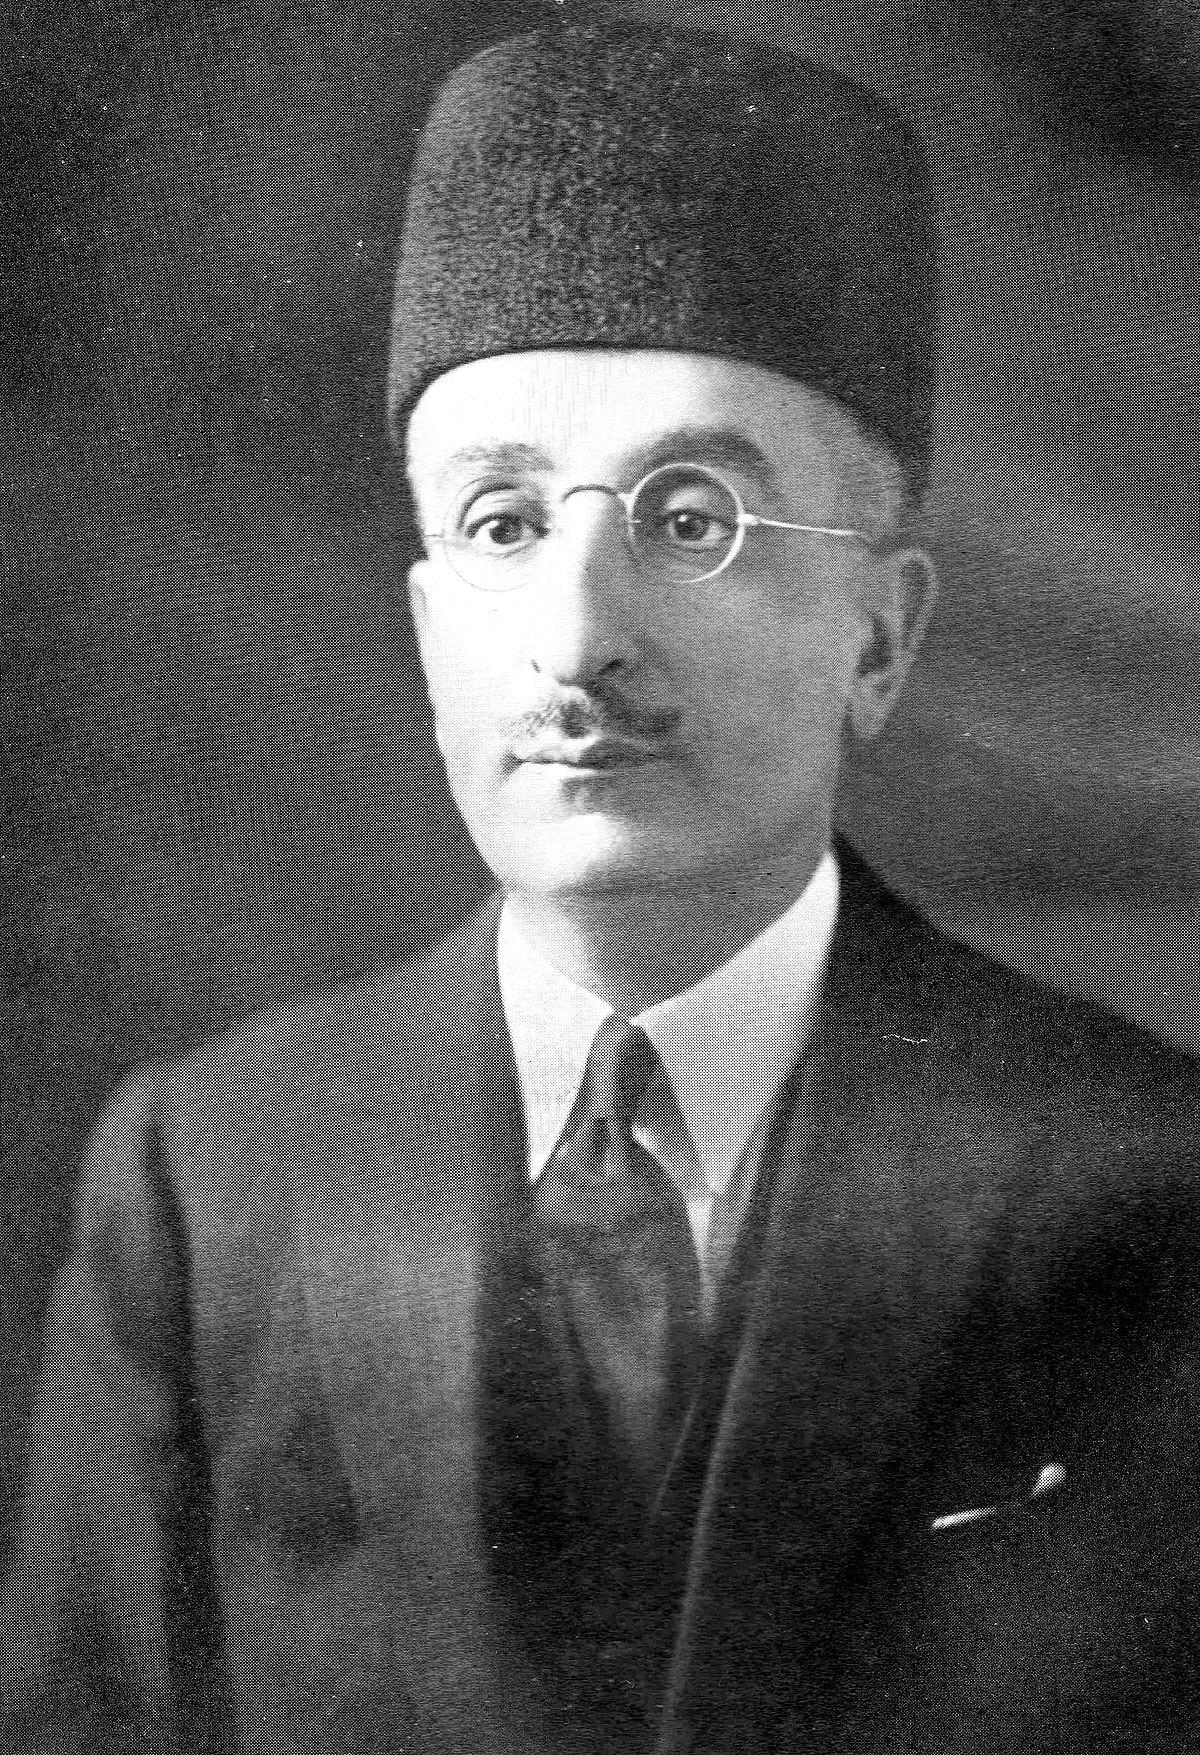 Mirza Ismail Wikipedia